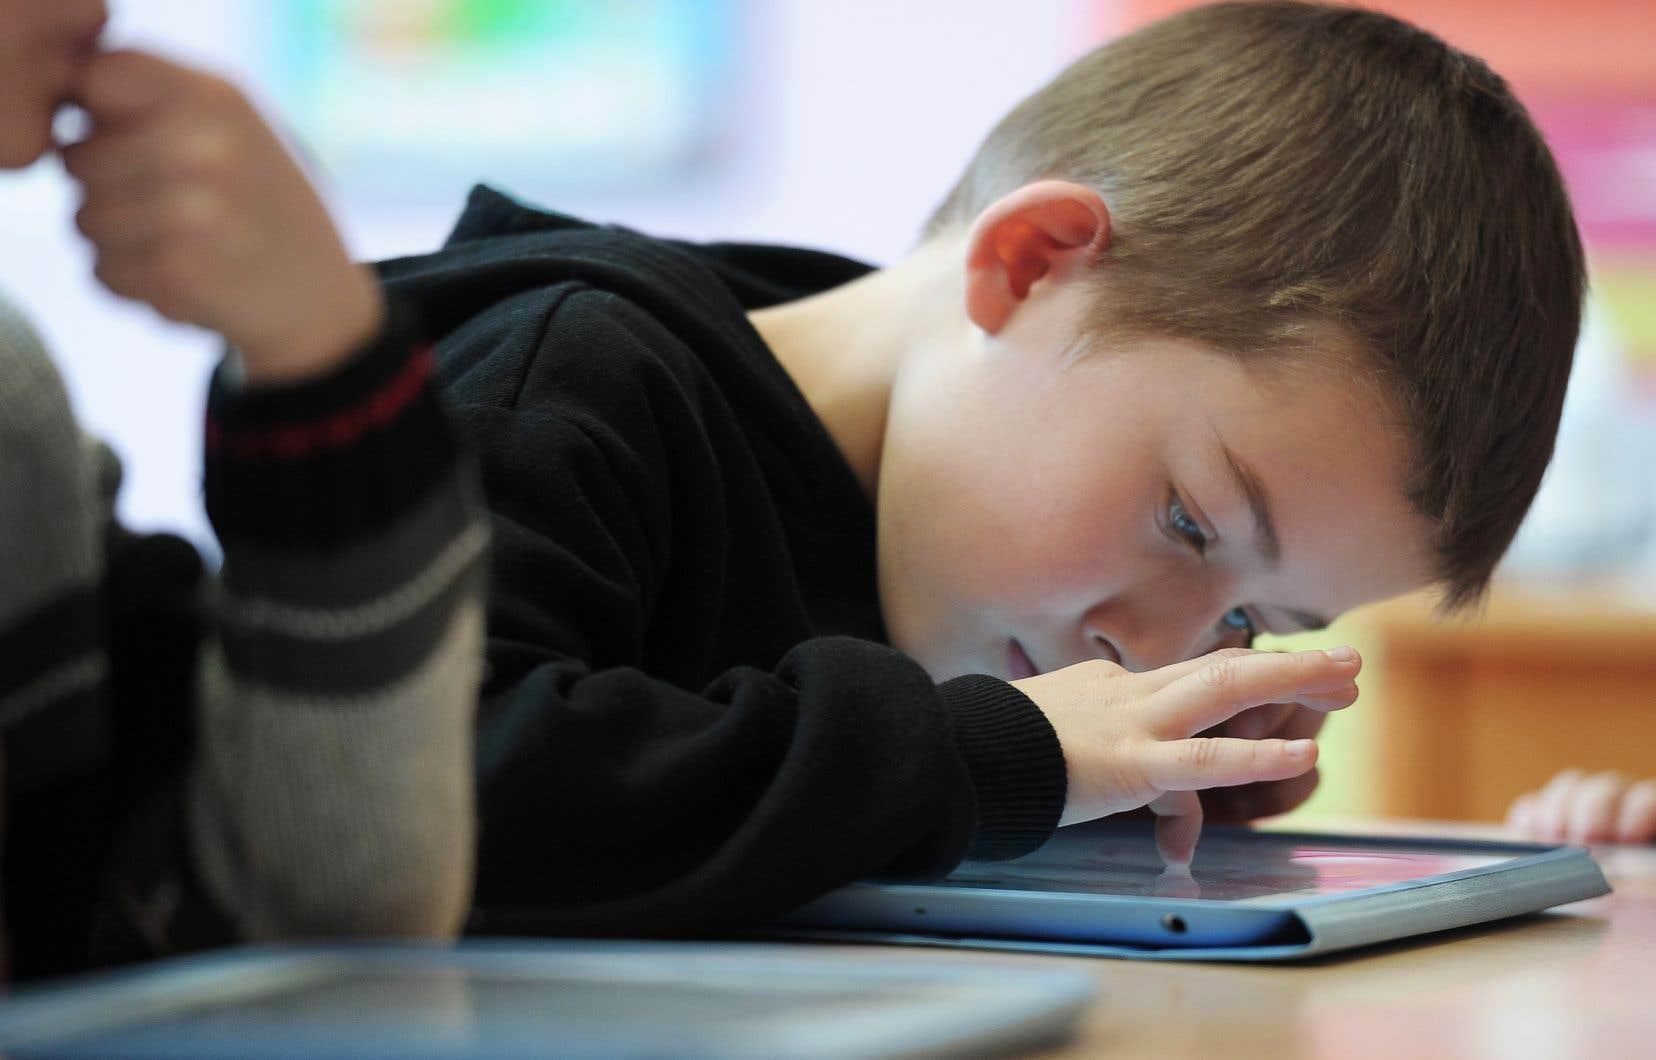 Le fédéral pourra dénombrer tous les parents qui peuvent inscrire leurs enfants dans des écoles francophones hors Québec et des écoles anglophones de la Belle Province.